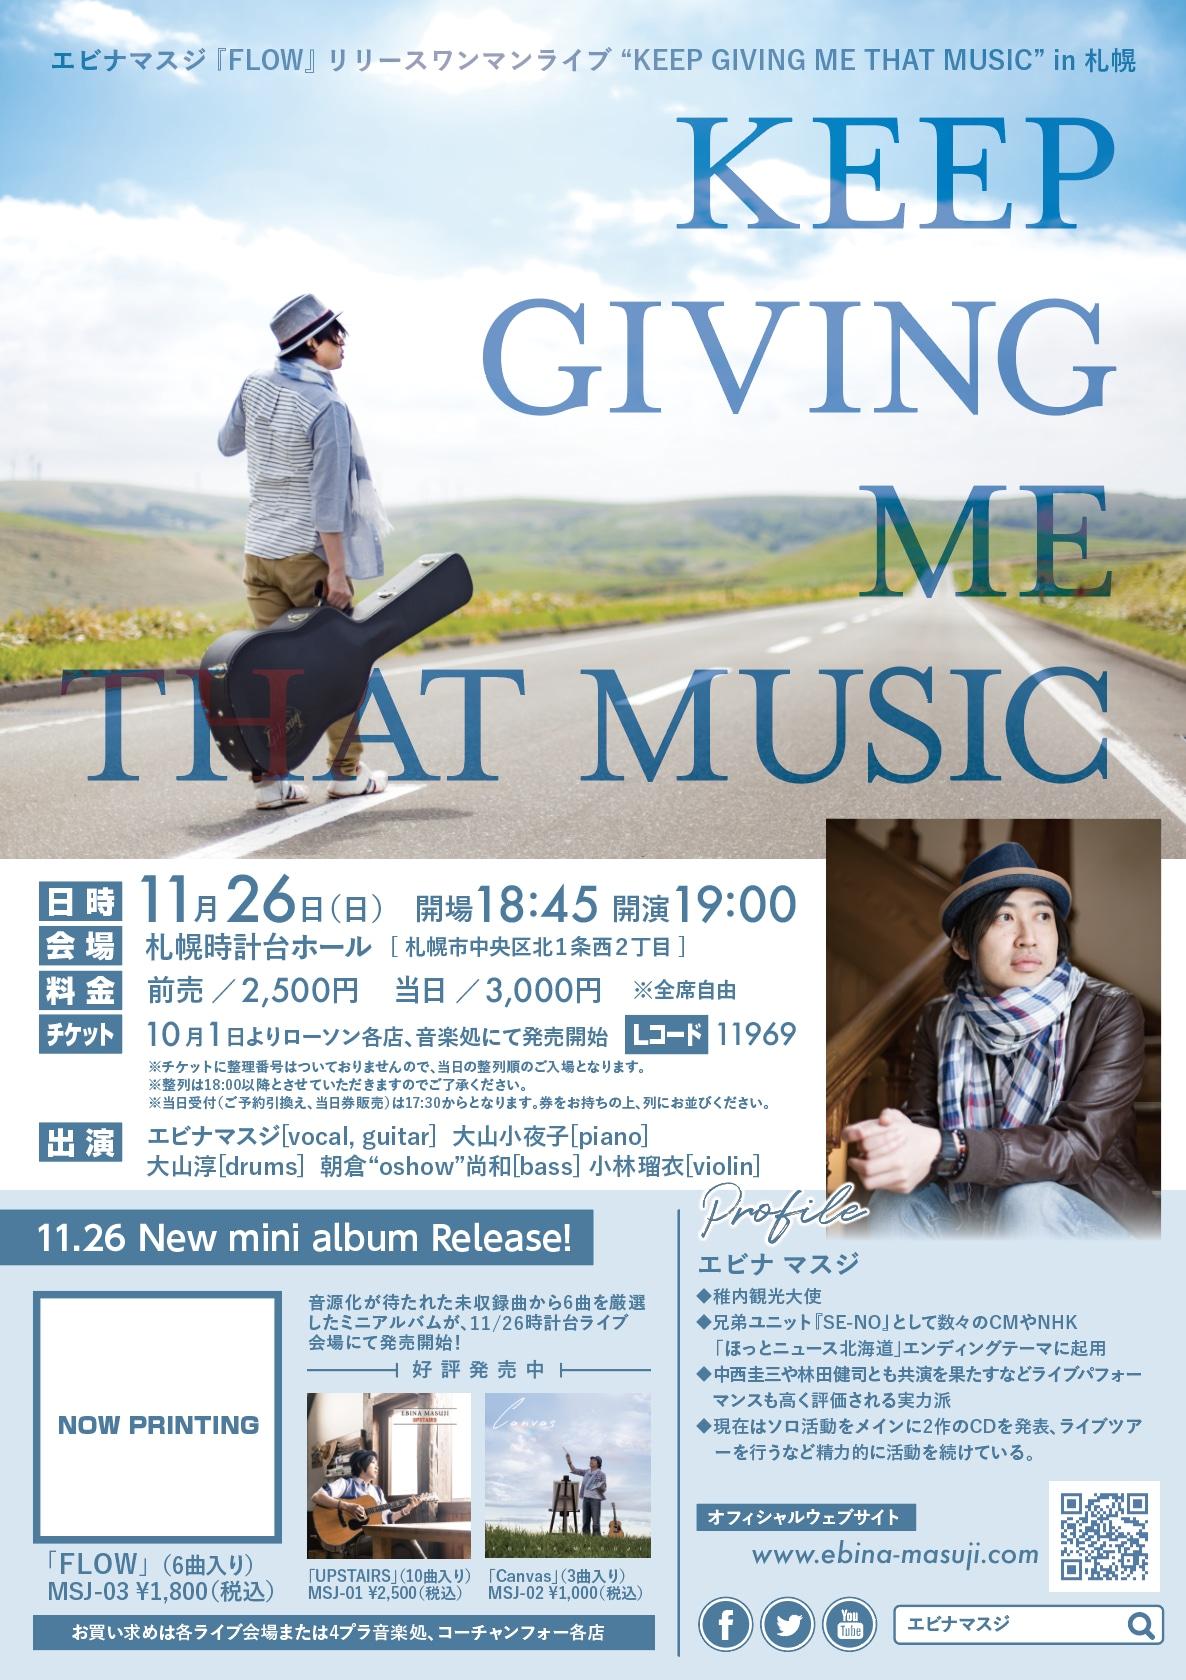 【終了】[2017.11.26 SUN] エビナマスジ『FLOW』リリースワンマンライブ【KEEP GIVING ME THAT MUSIC】in 札幌